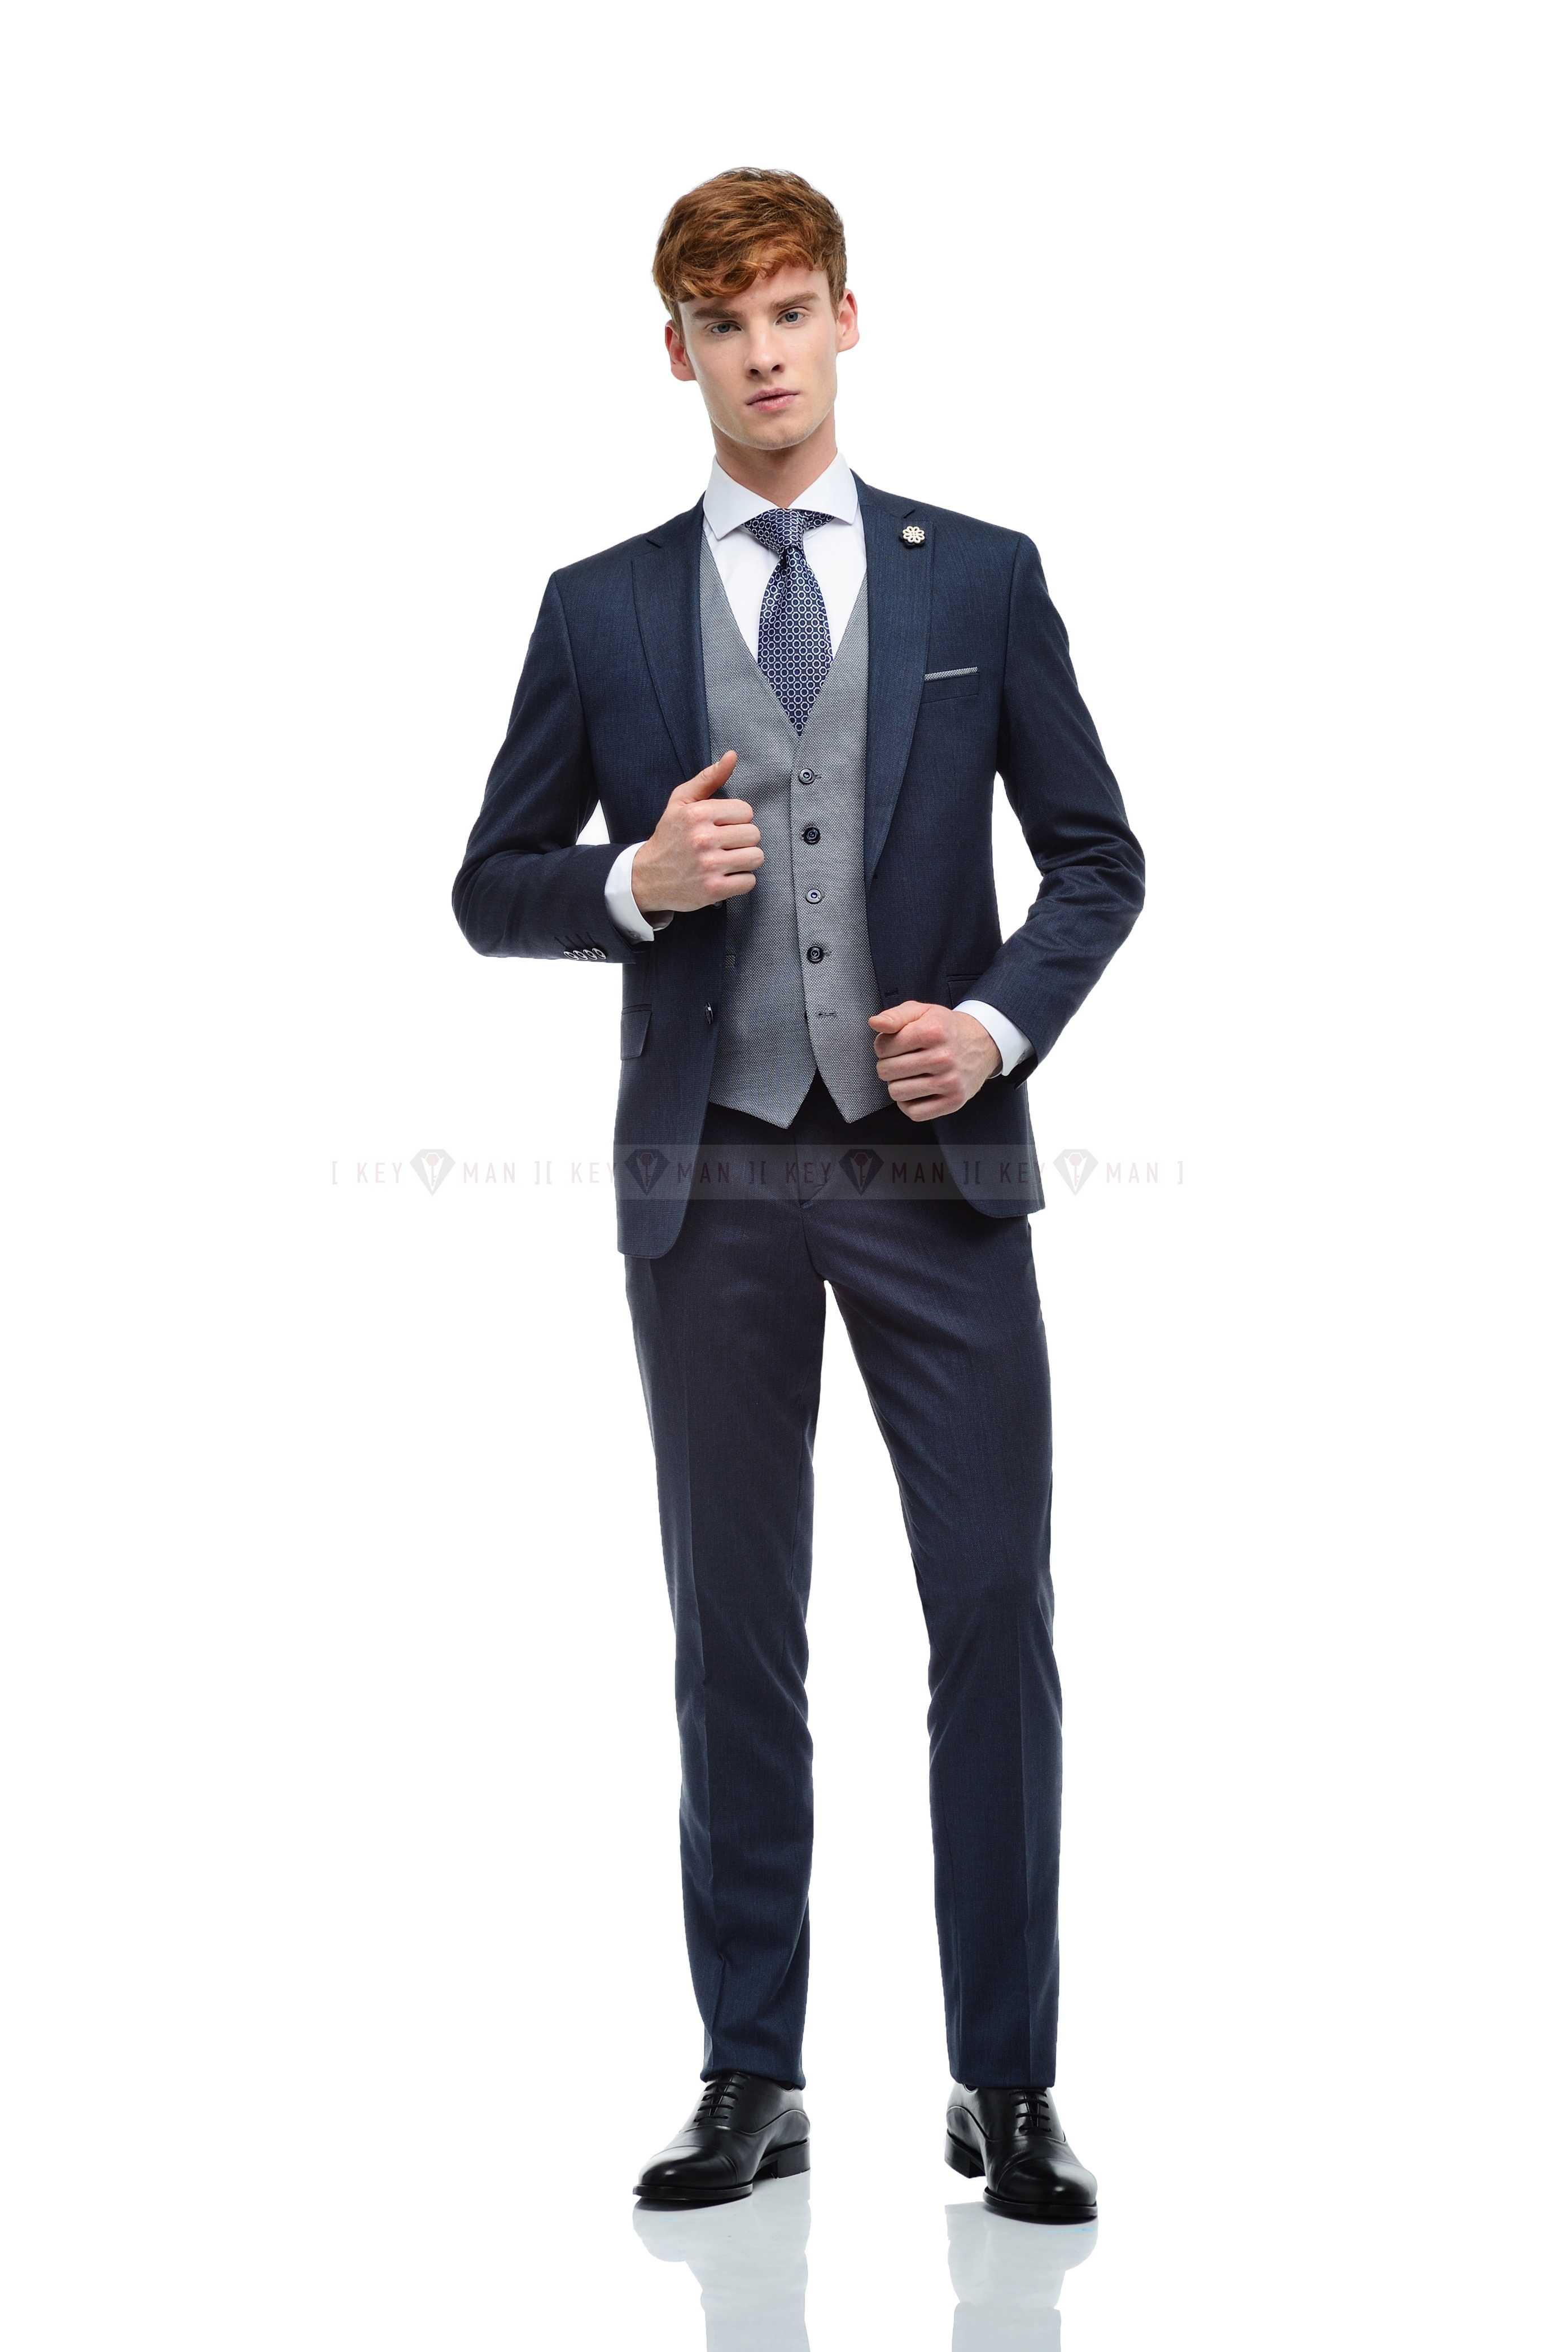 Костюм мужской темно-синий фактурный, с контрастным жилетом в круглую фактуру